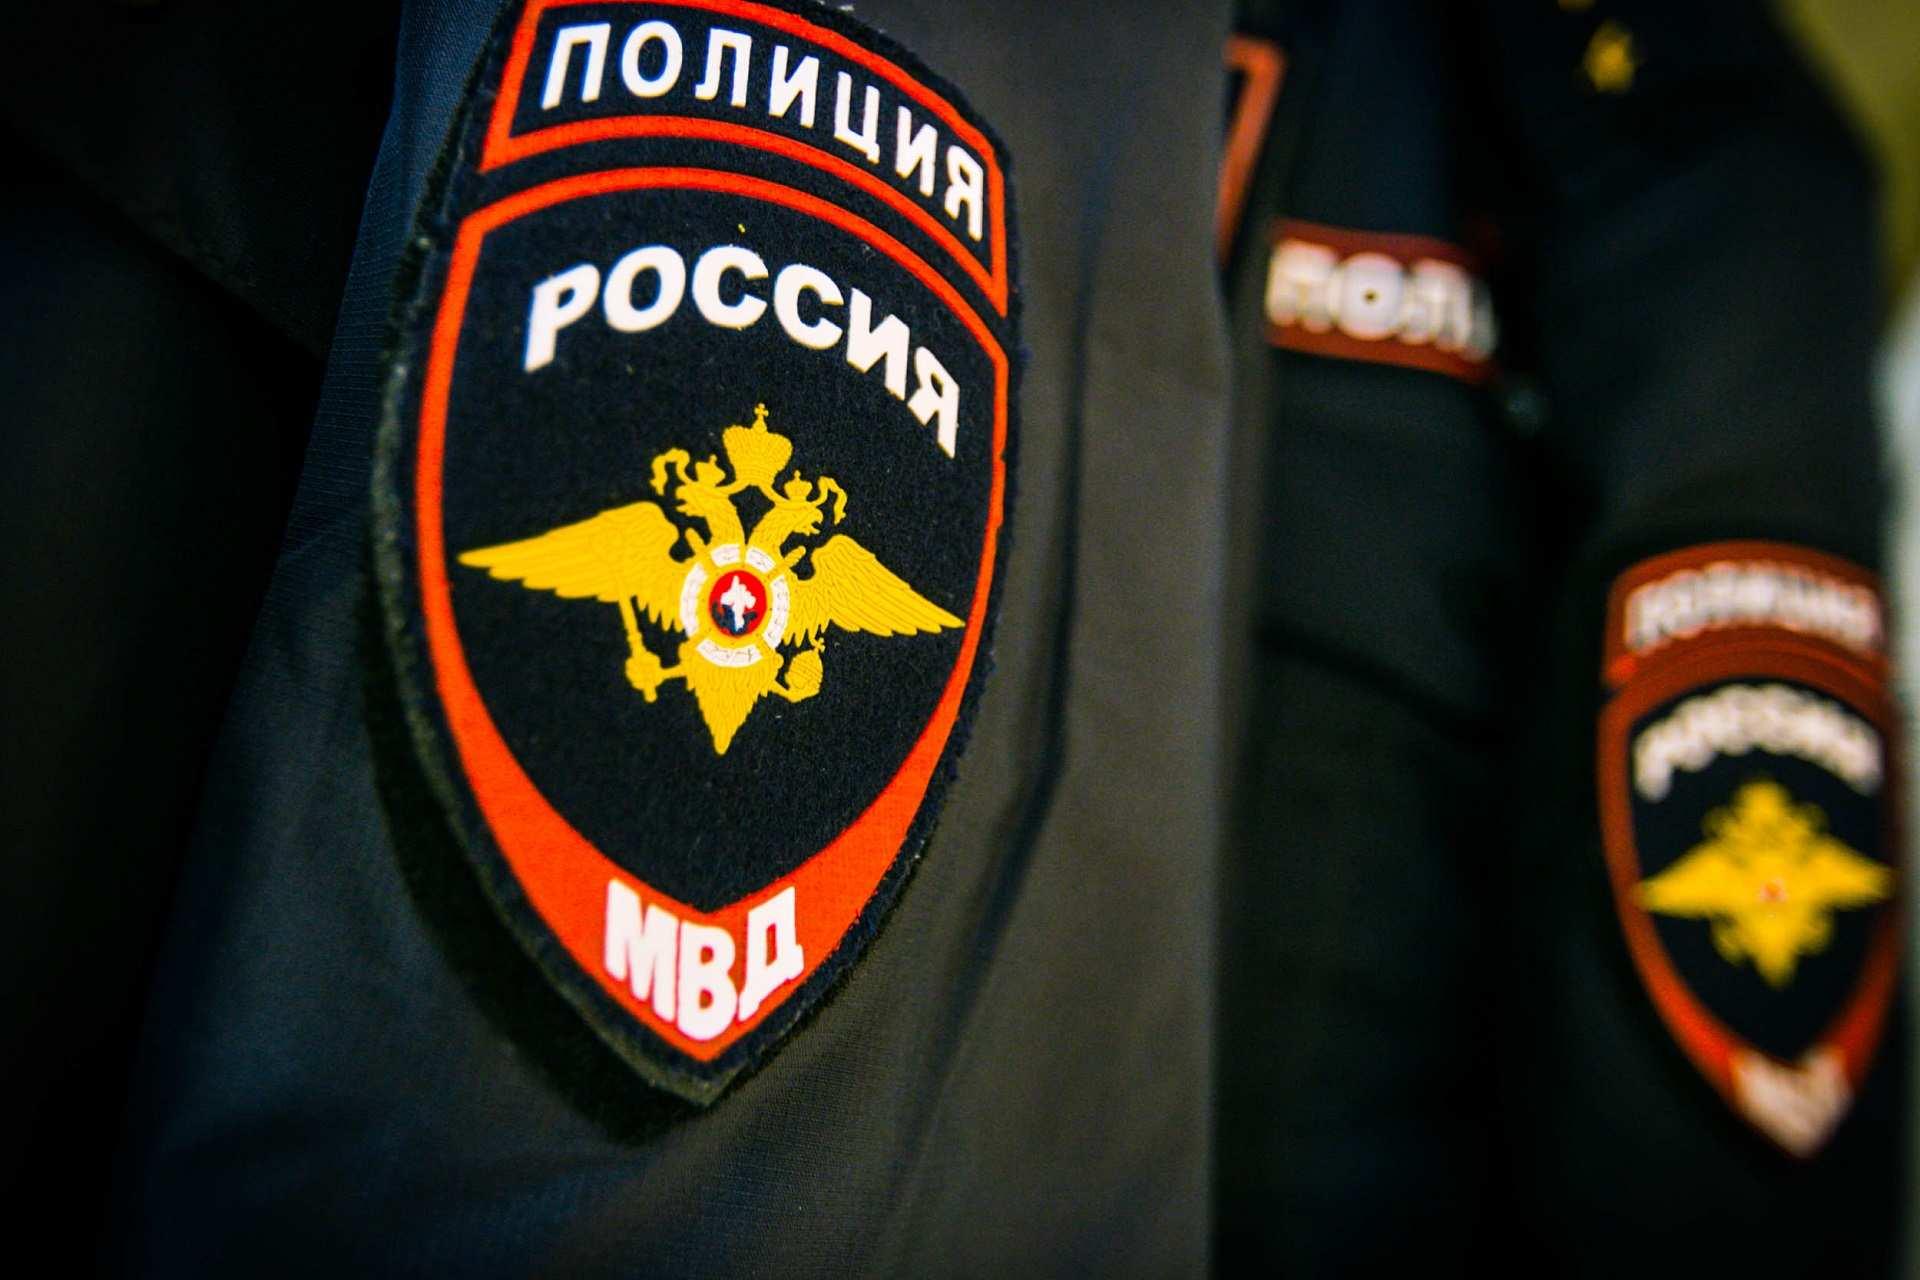 ВАЖНО: Генерал МВД из Петербурга обрекает волонтёра Донбасса к депортации на Украину (ФОТО) | Русская весна